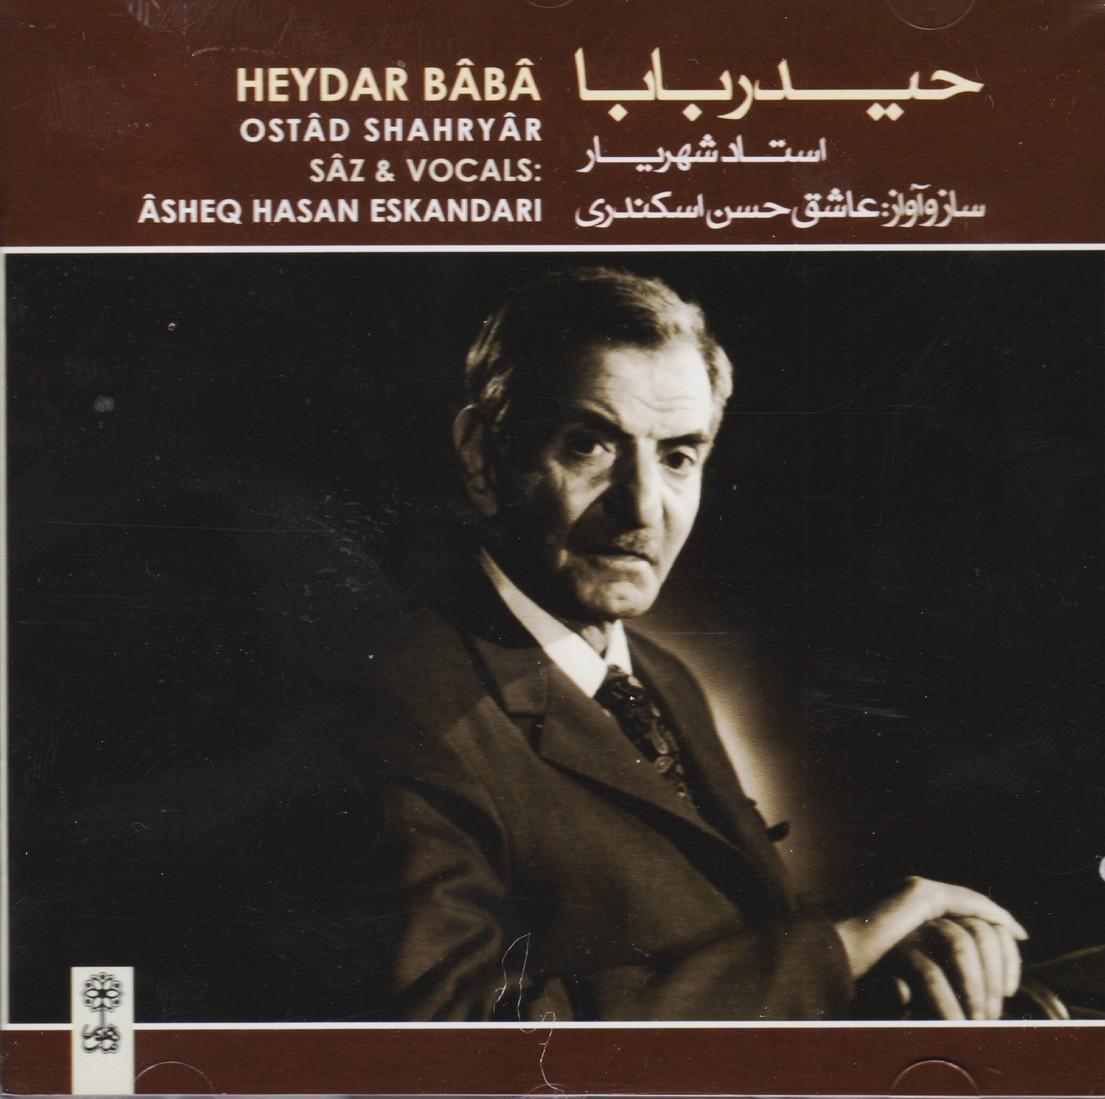 حیدربابا: شاهکار استاد شهریار